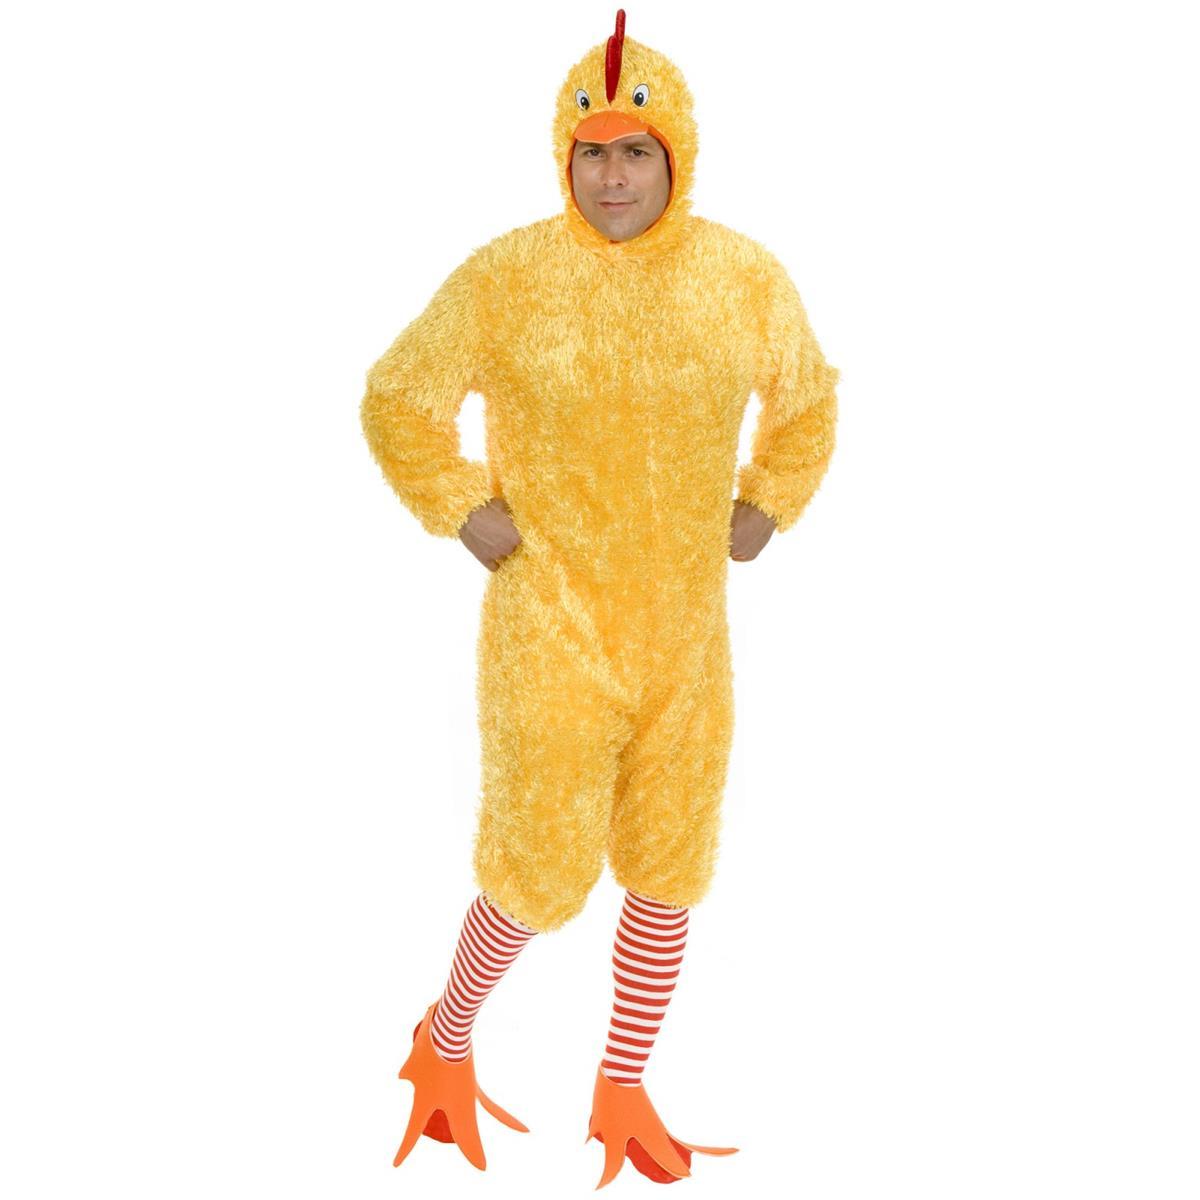 アニマル コスプレ チキン にわとり 大人用 プラスサイズ 大きいサイズ コスチューム ハロウィン衣装